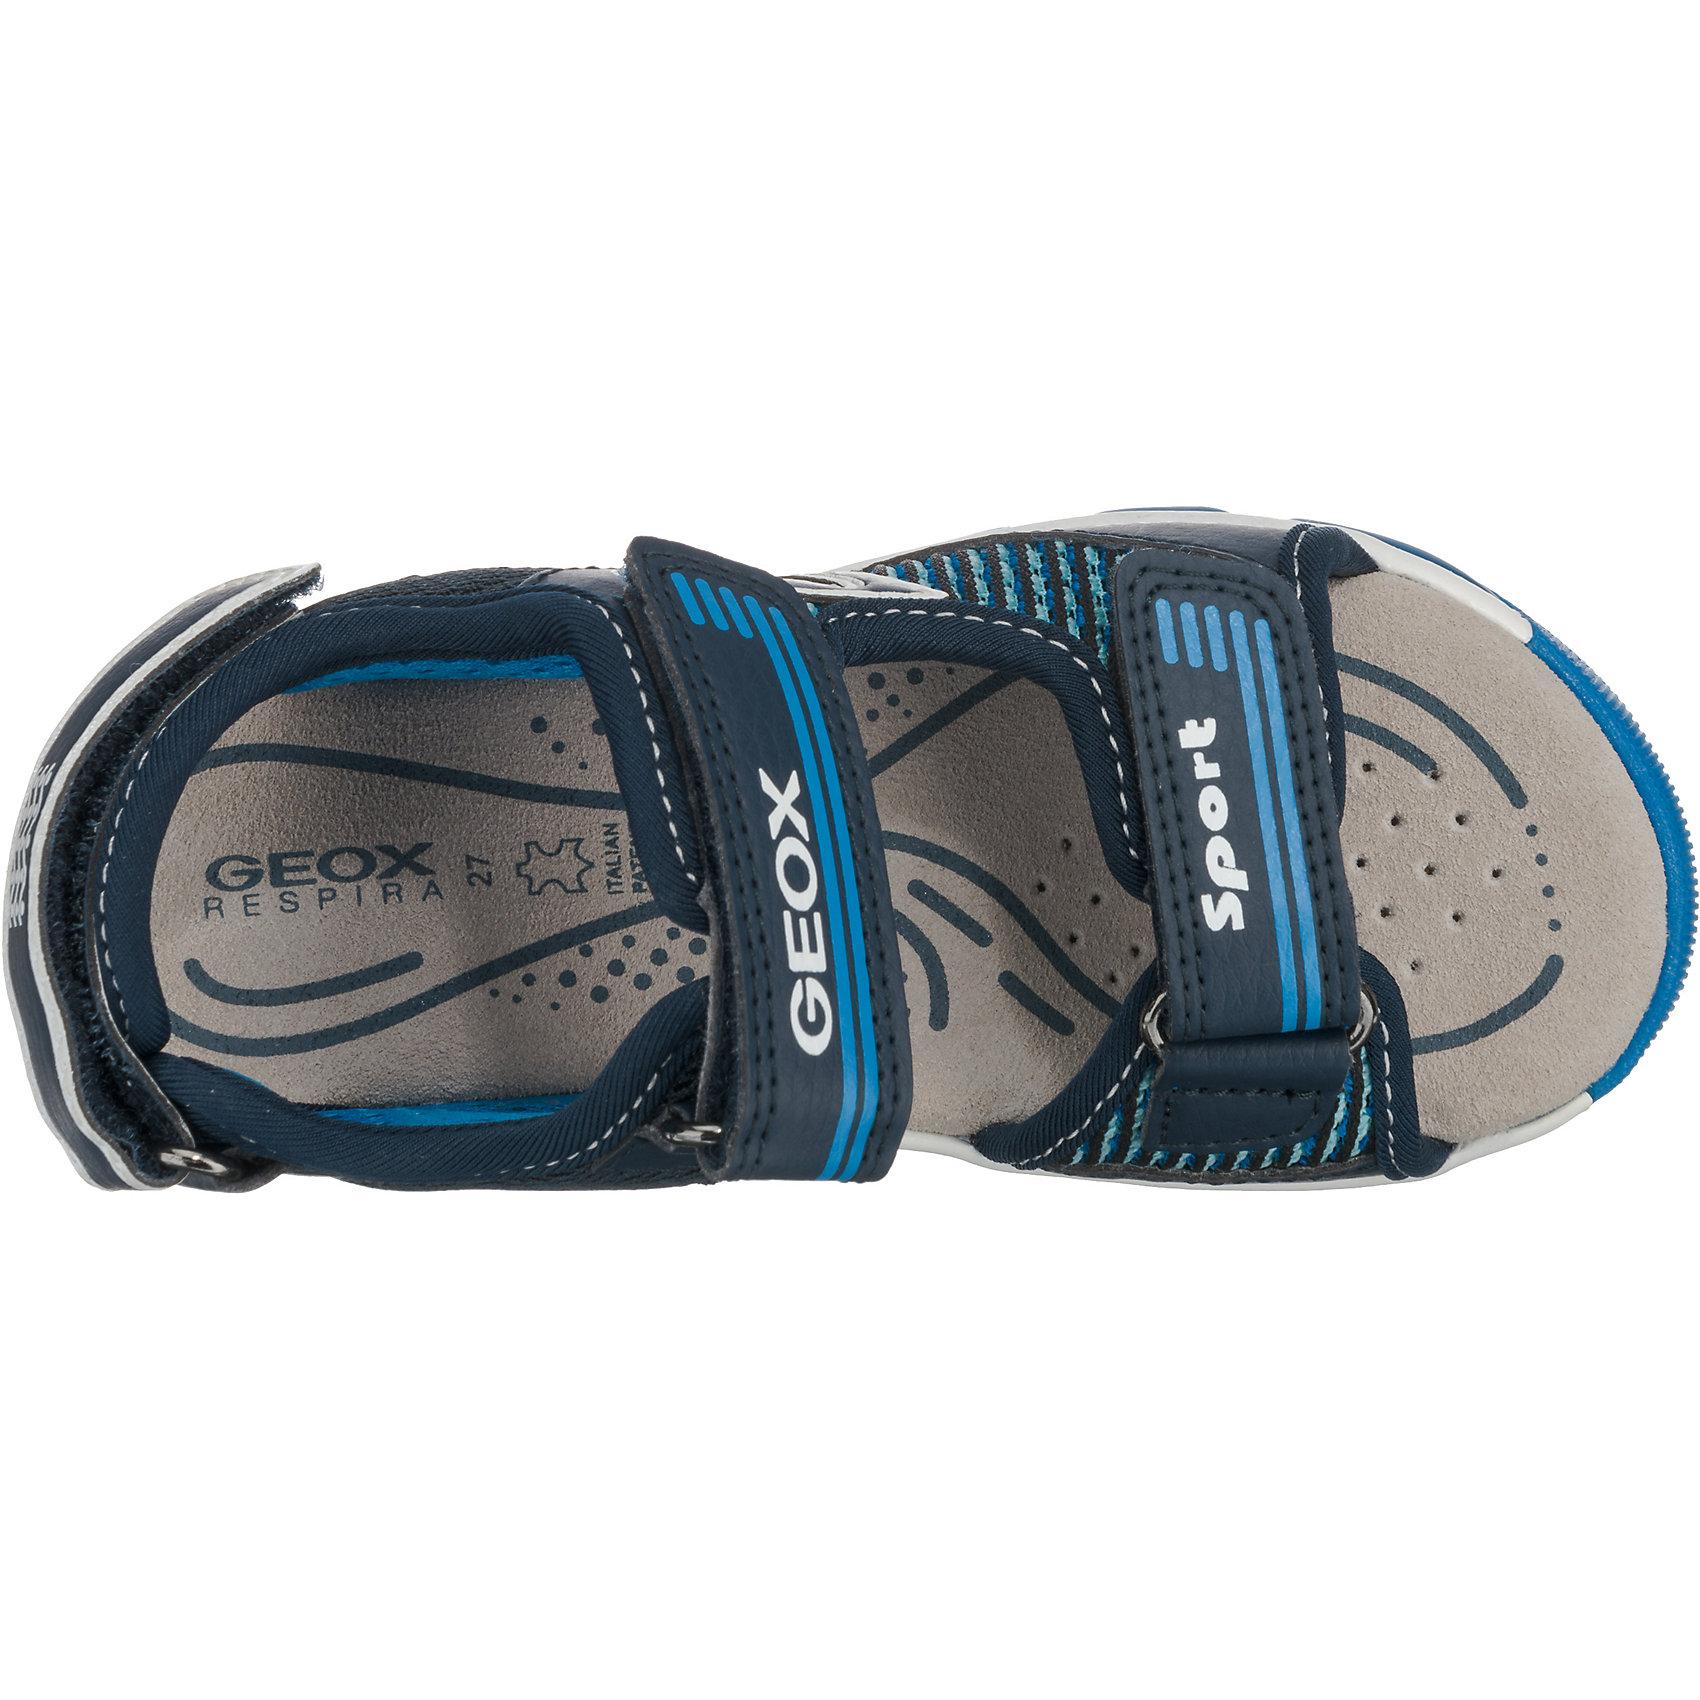 new styles 810de 23a61 Details zu Neu GEOX Sandalen Blinkies ANDROID für Jungen 7209384 für Jungen  blau